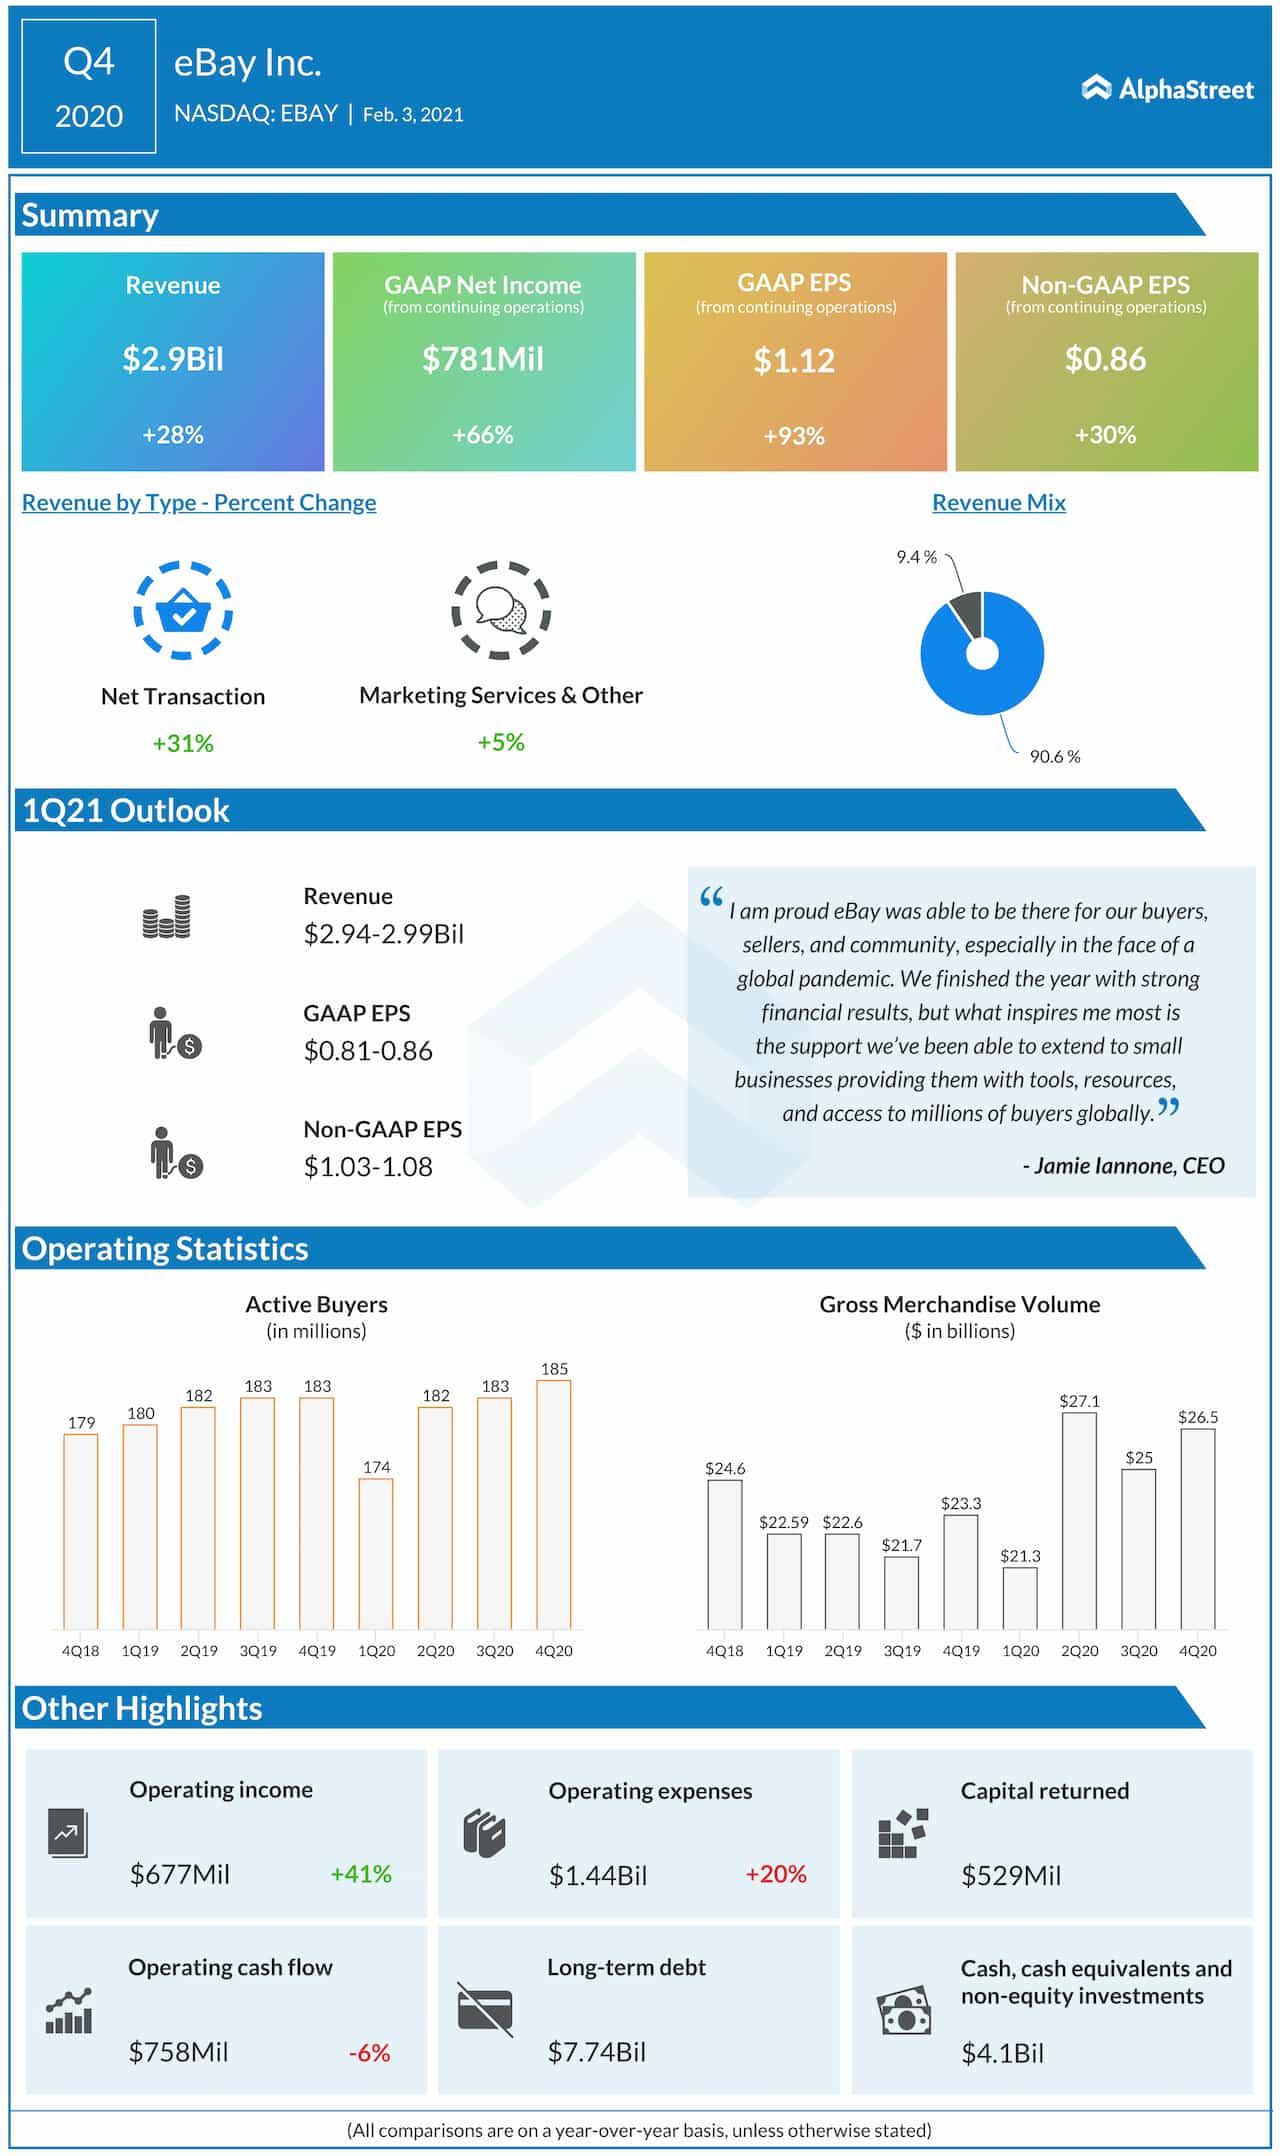 eBay Q4 2020 earnings infographic